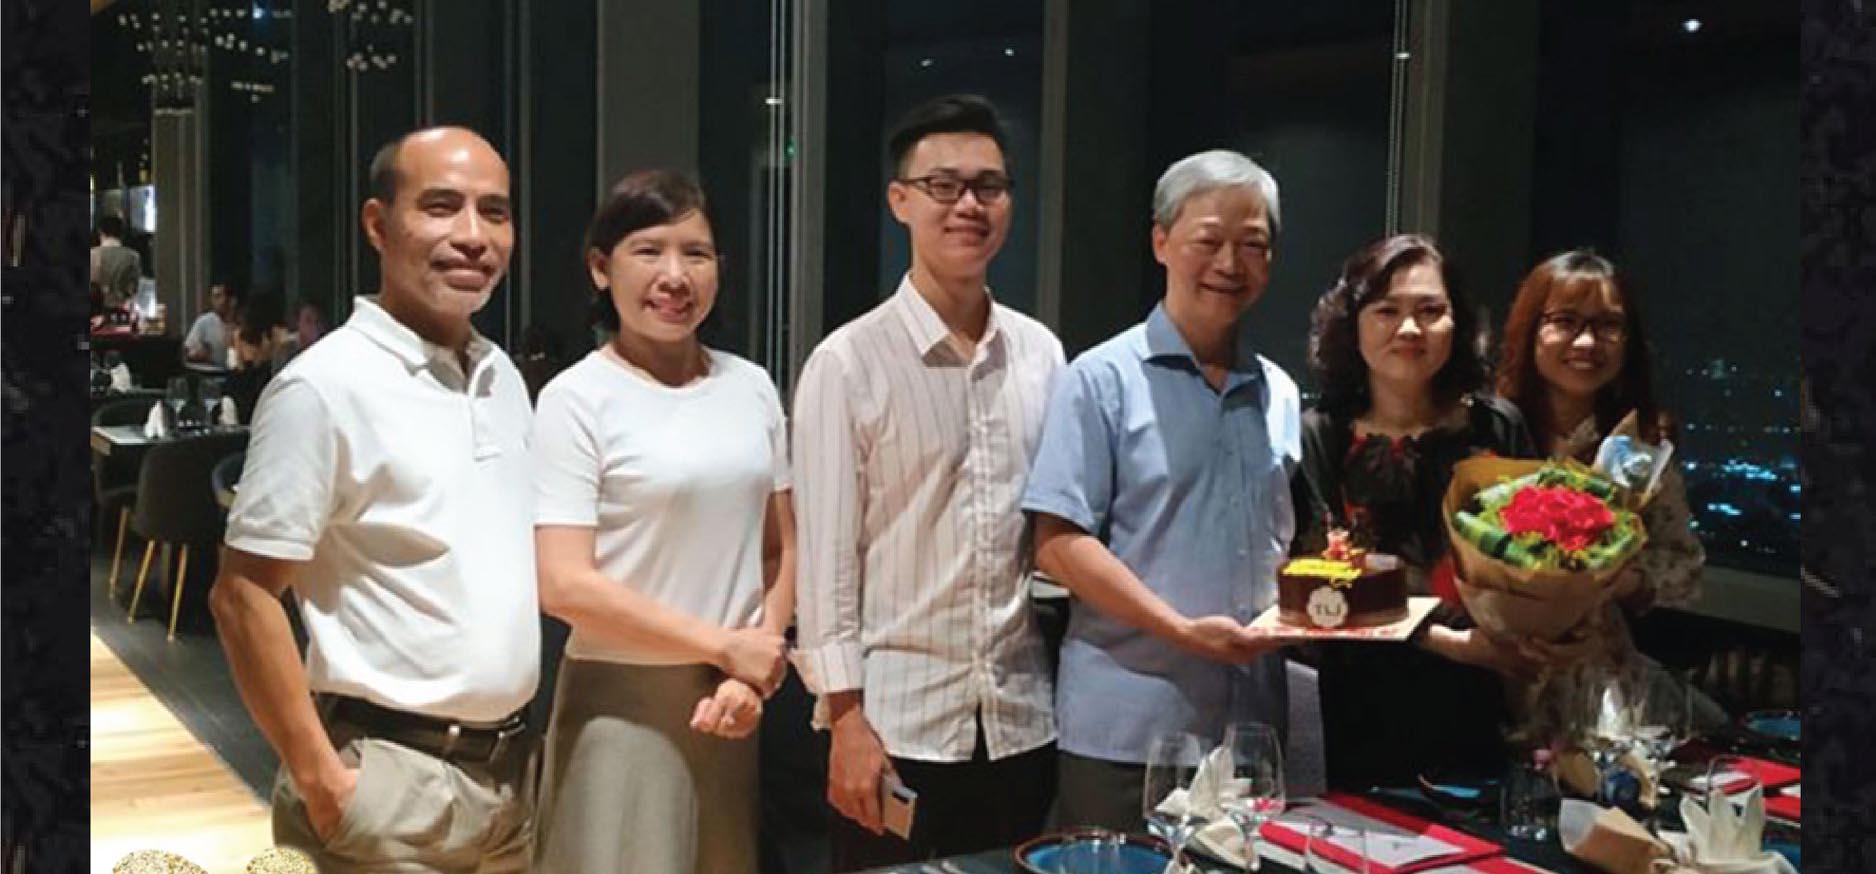 nhà hàng tổ chức sinh nhật